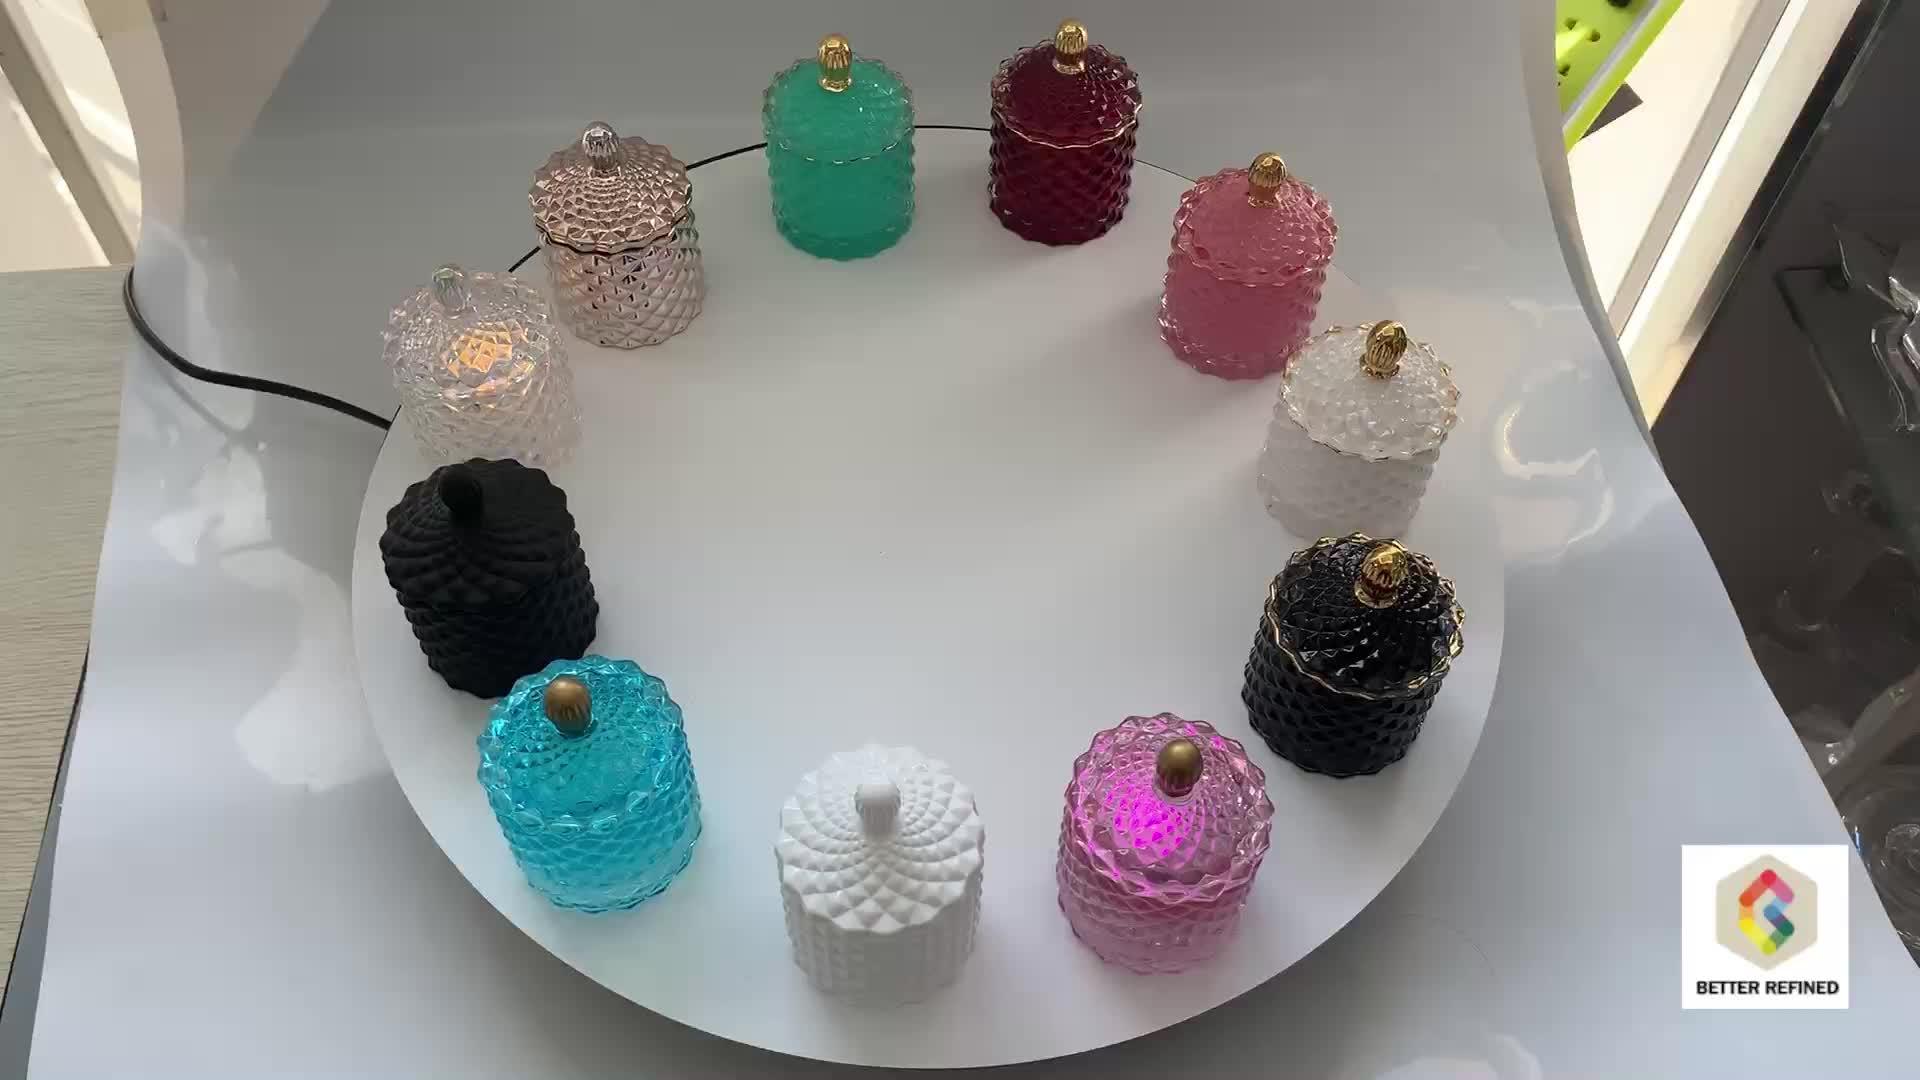 Thủy tinh nhỏ kim cương có hình dạng jar cho ngọn nến làm với nắp kính tinh thể thủy tinh kẹo jar với nắp đặt của 3 BR